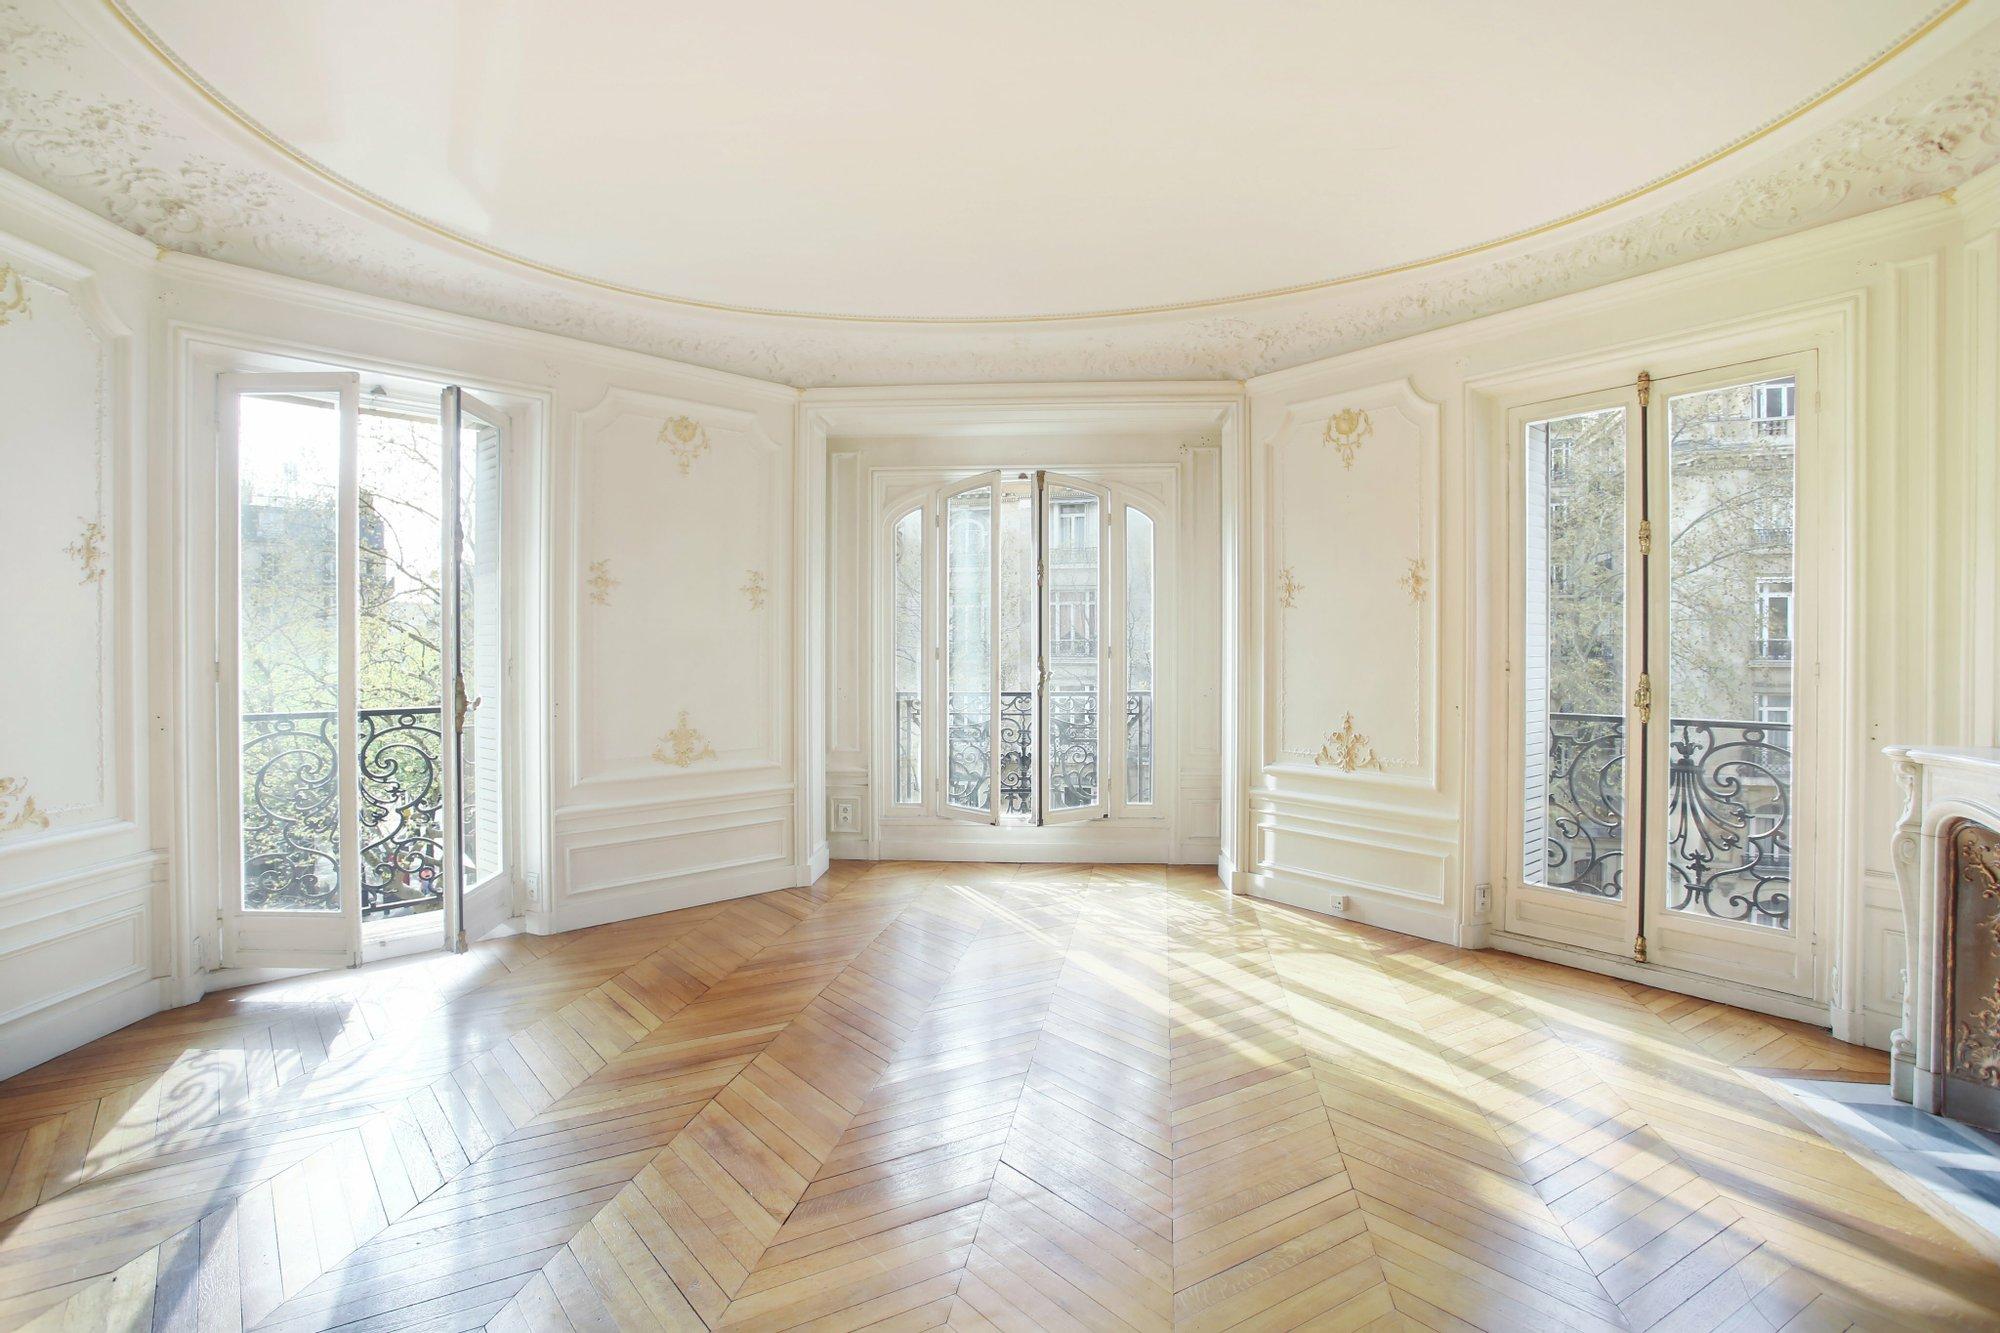 Appartamento a Parigi, Île-de-France, Francia 1 - 11414558